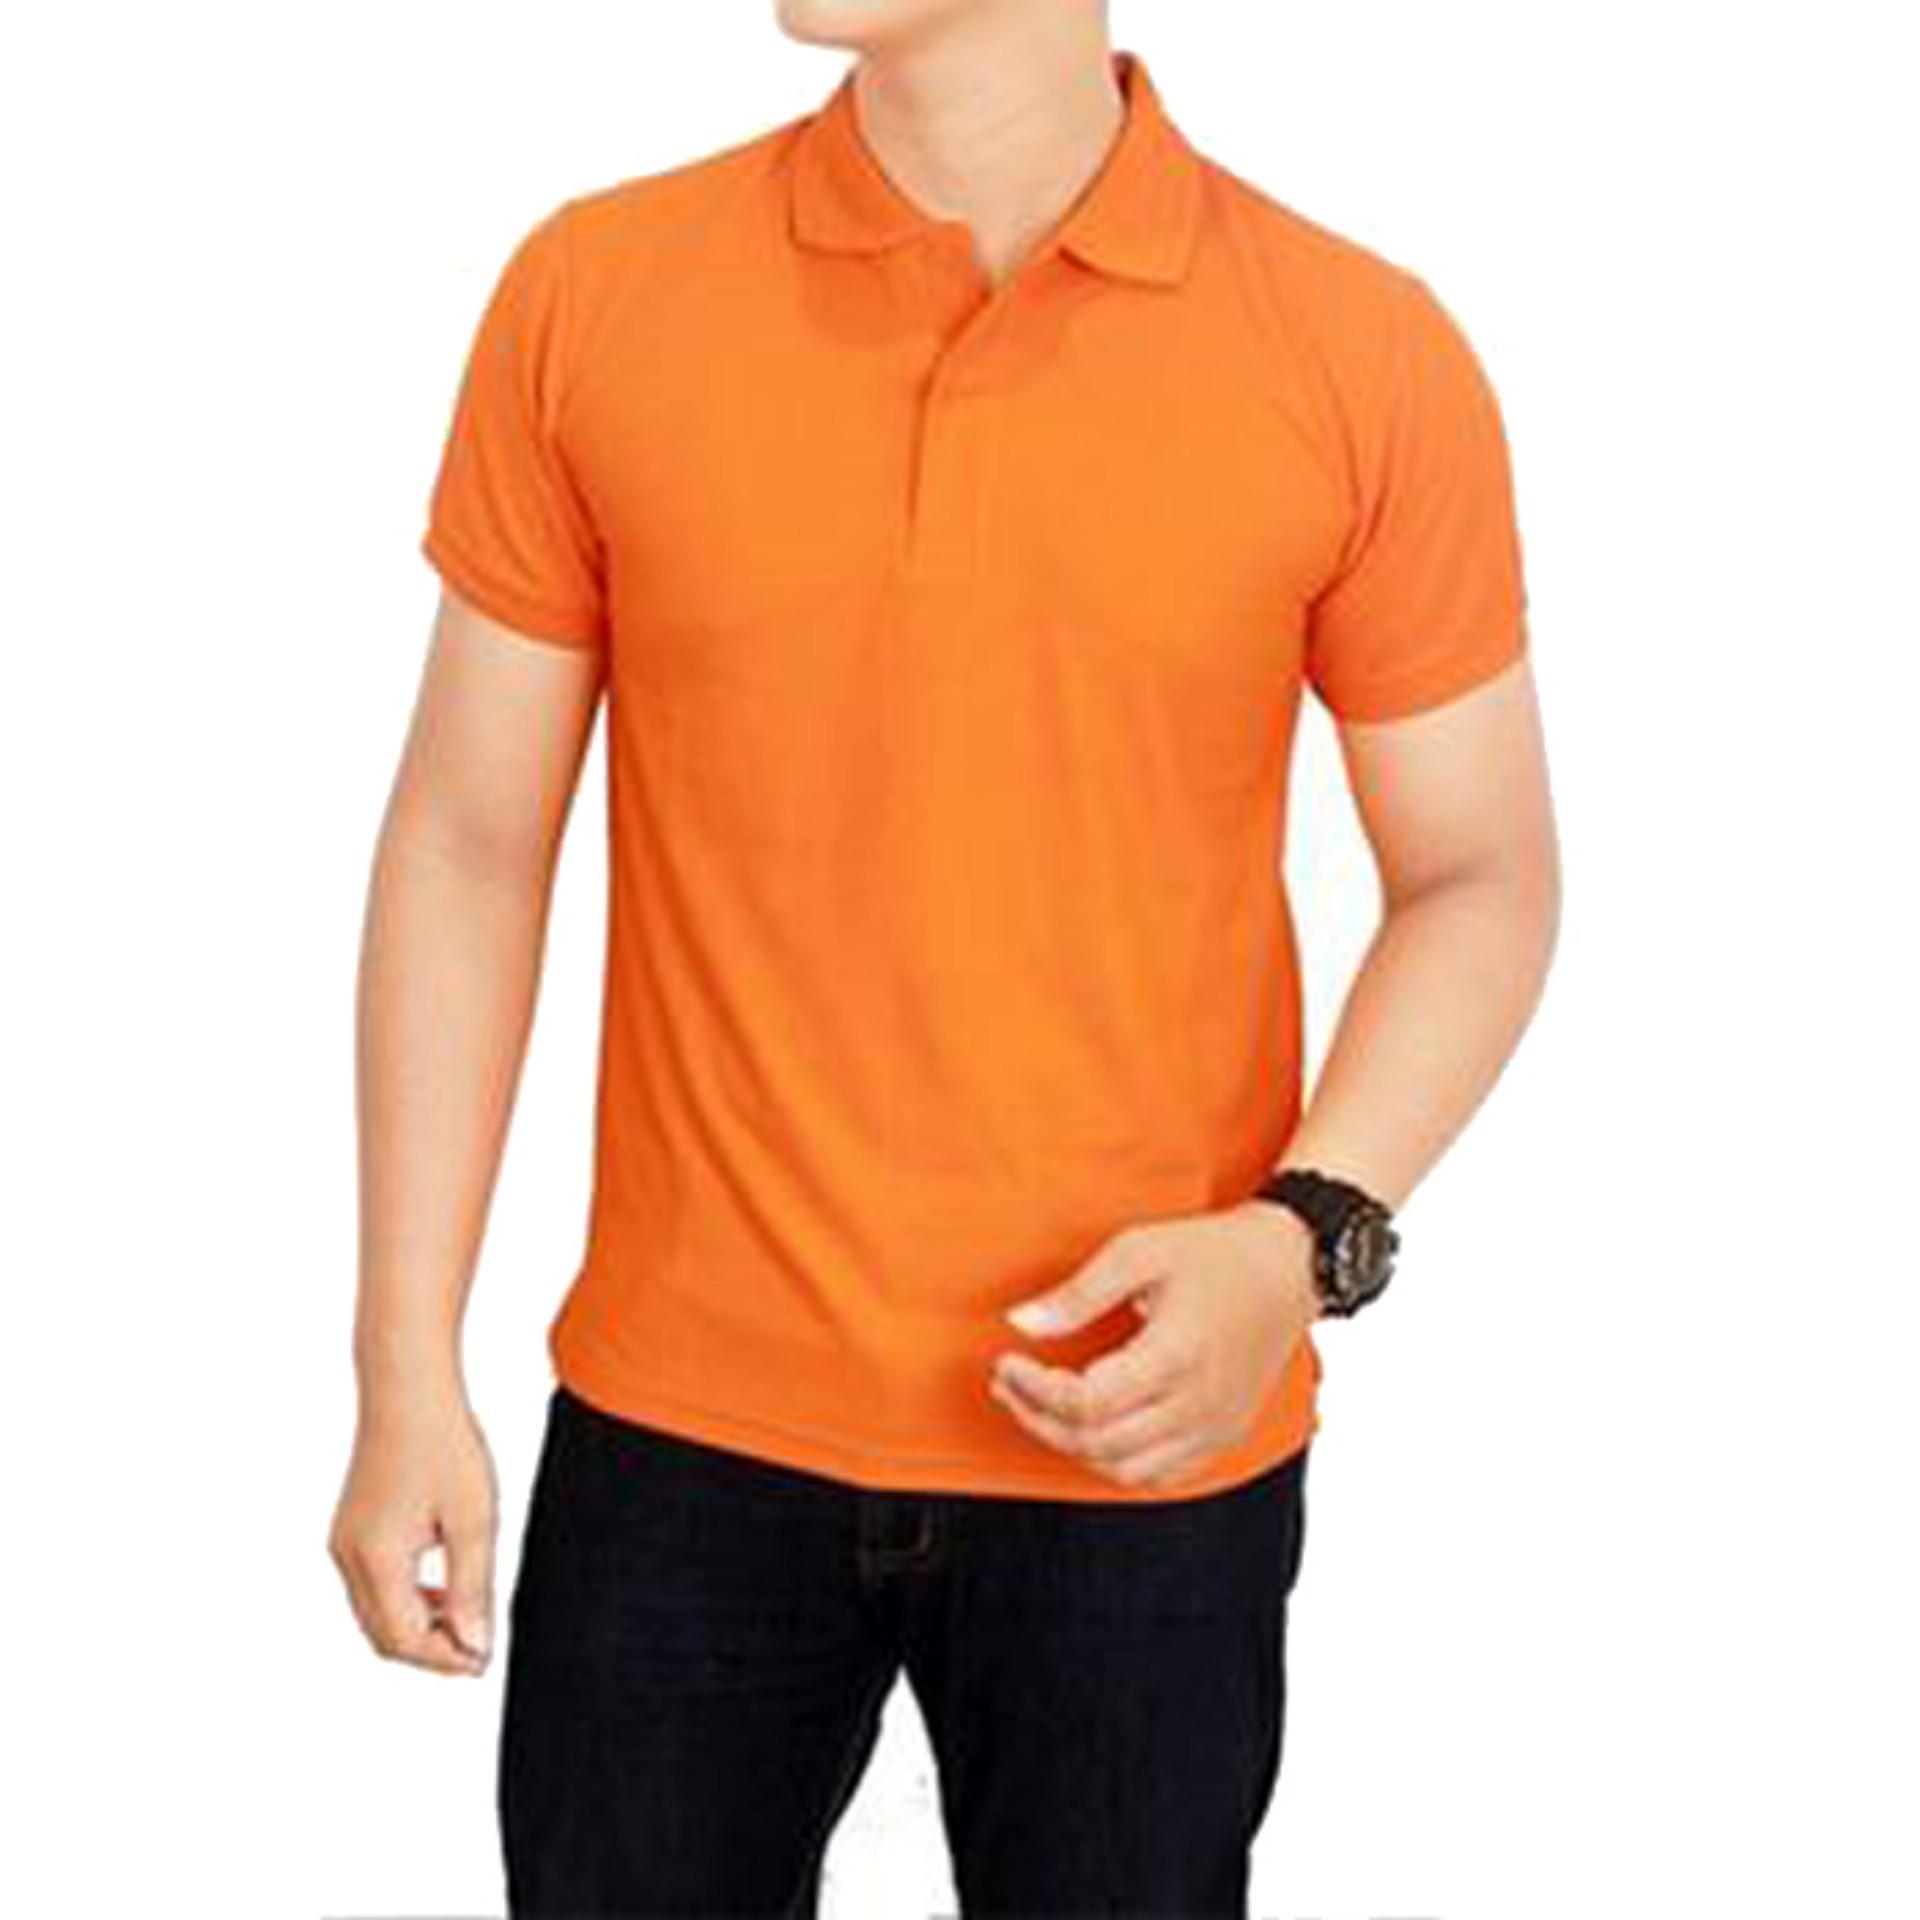 Aristoteles Baju Kaos Kerah Polos Polo Shirt Lacoste Qualitas Terbaik 93f215527b